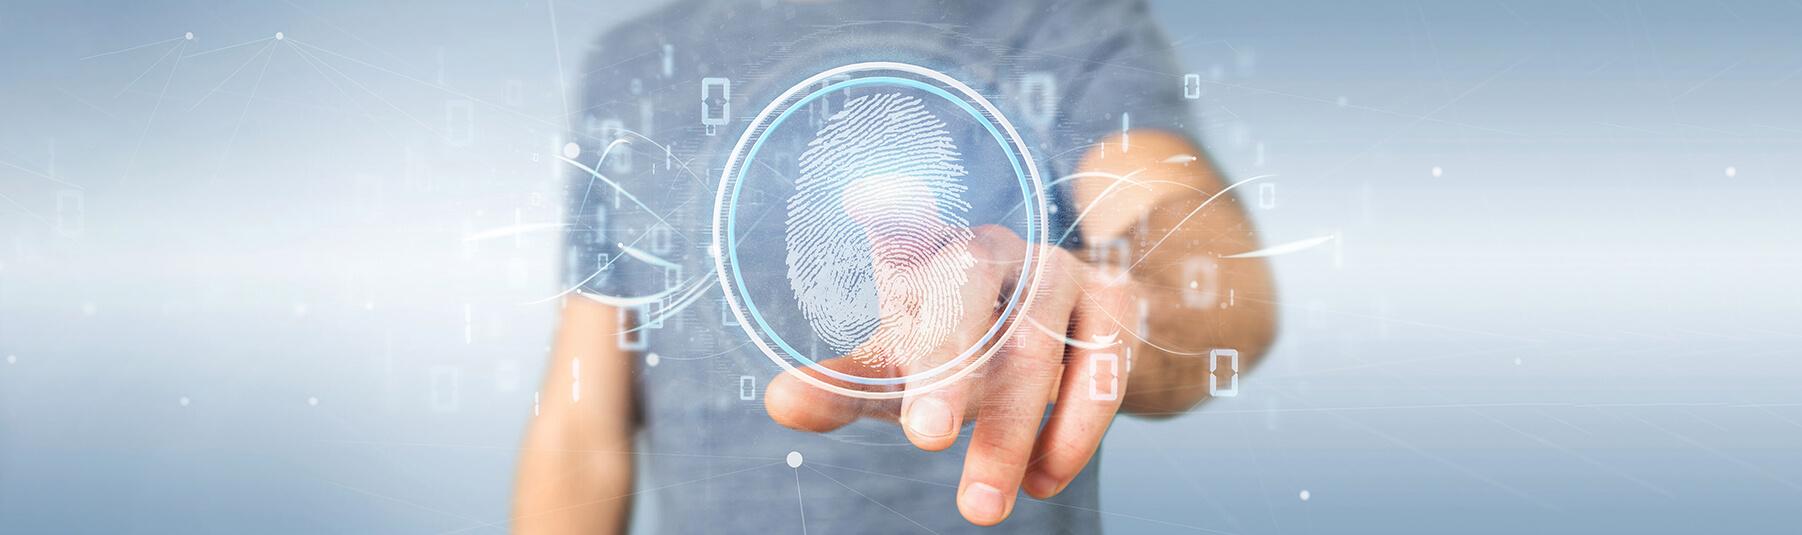 Fingerprint recognition access control